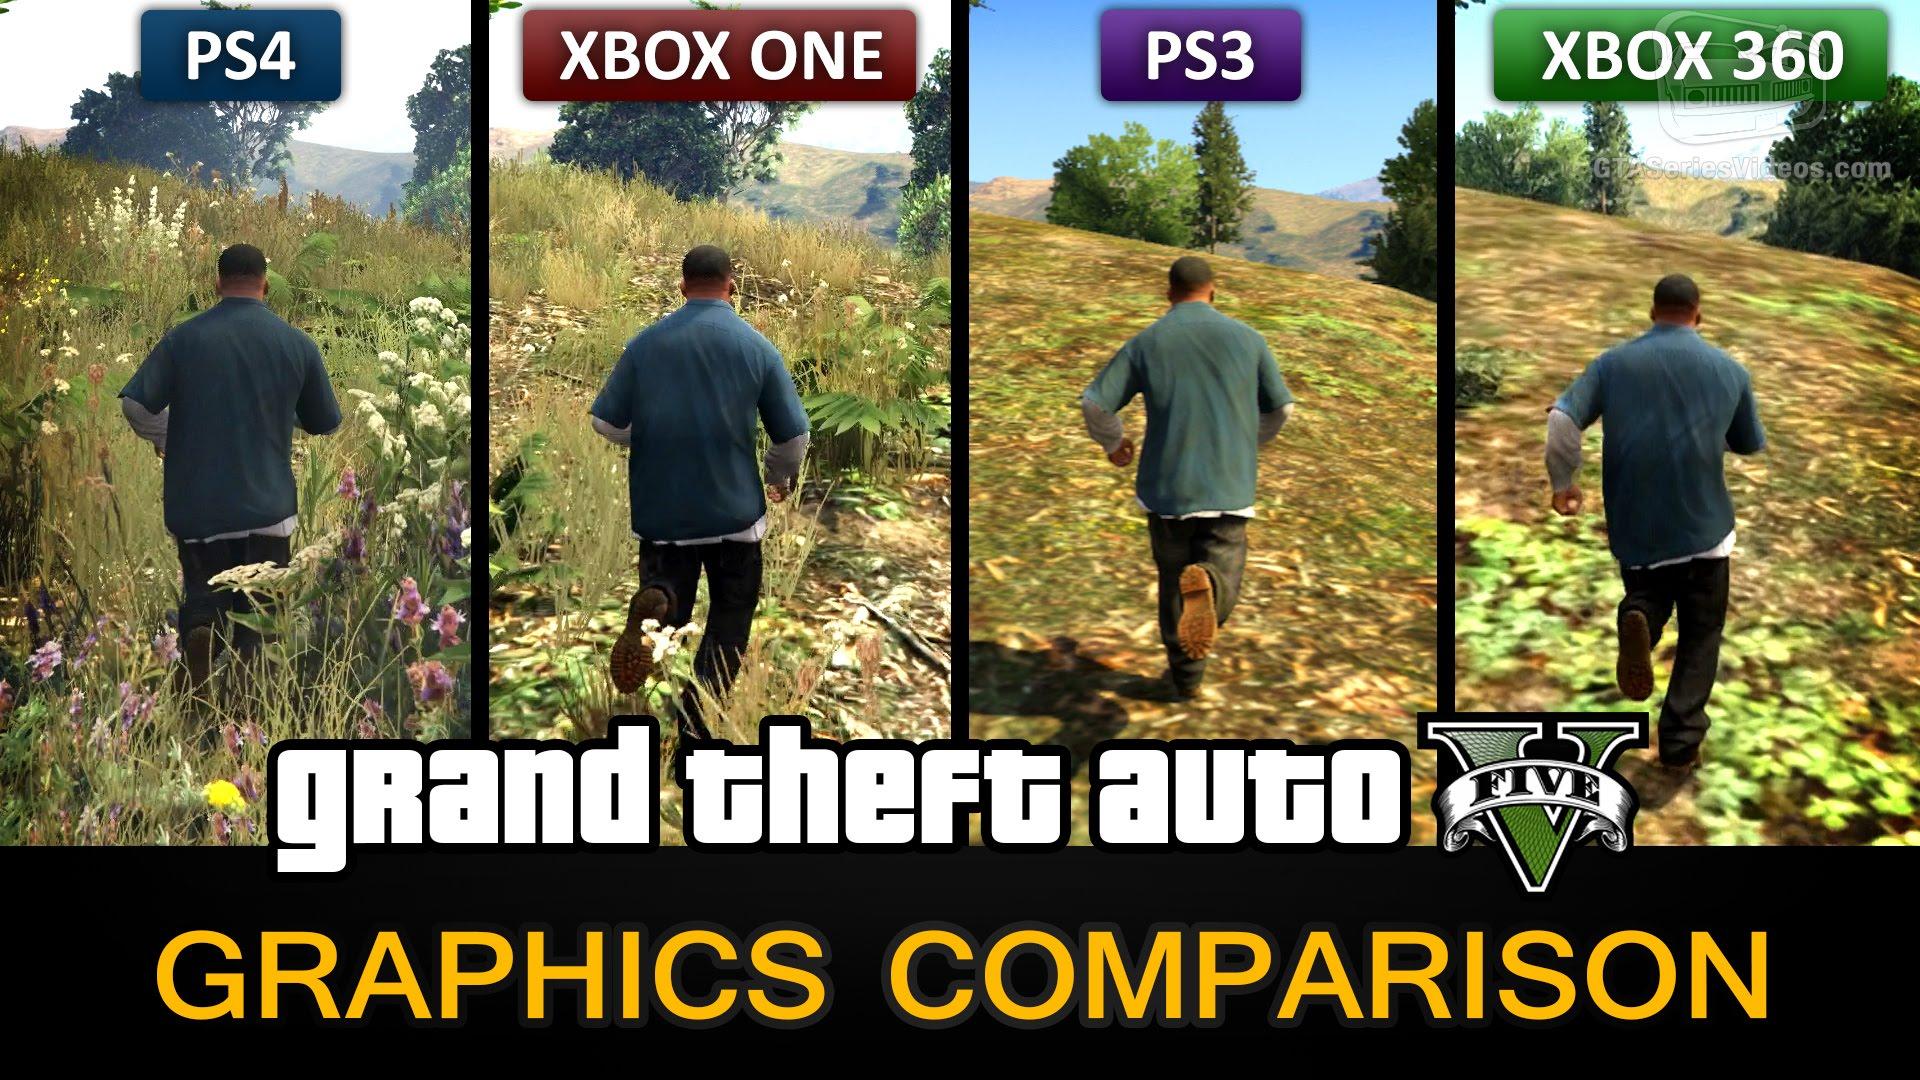 GTA 5 Graphics Comparison - PS4 / Xbox One / PS3 / Xbox 360